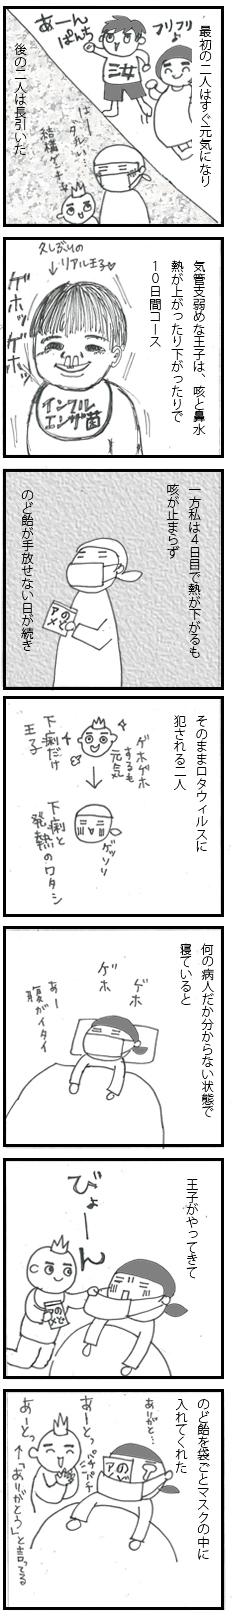 のどあめ02のコピー